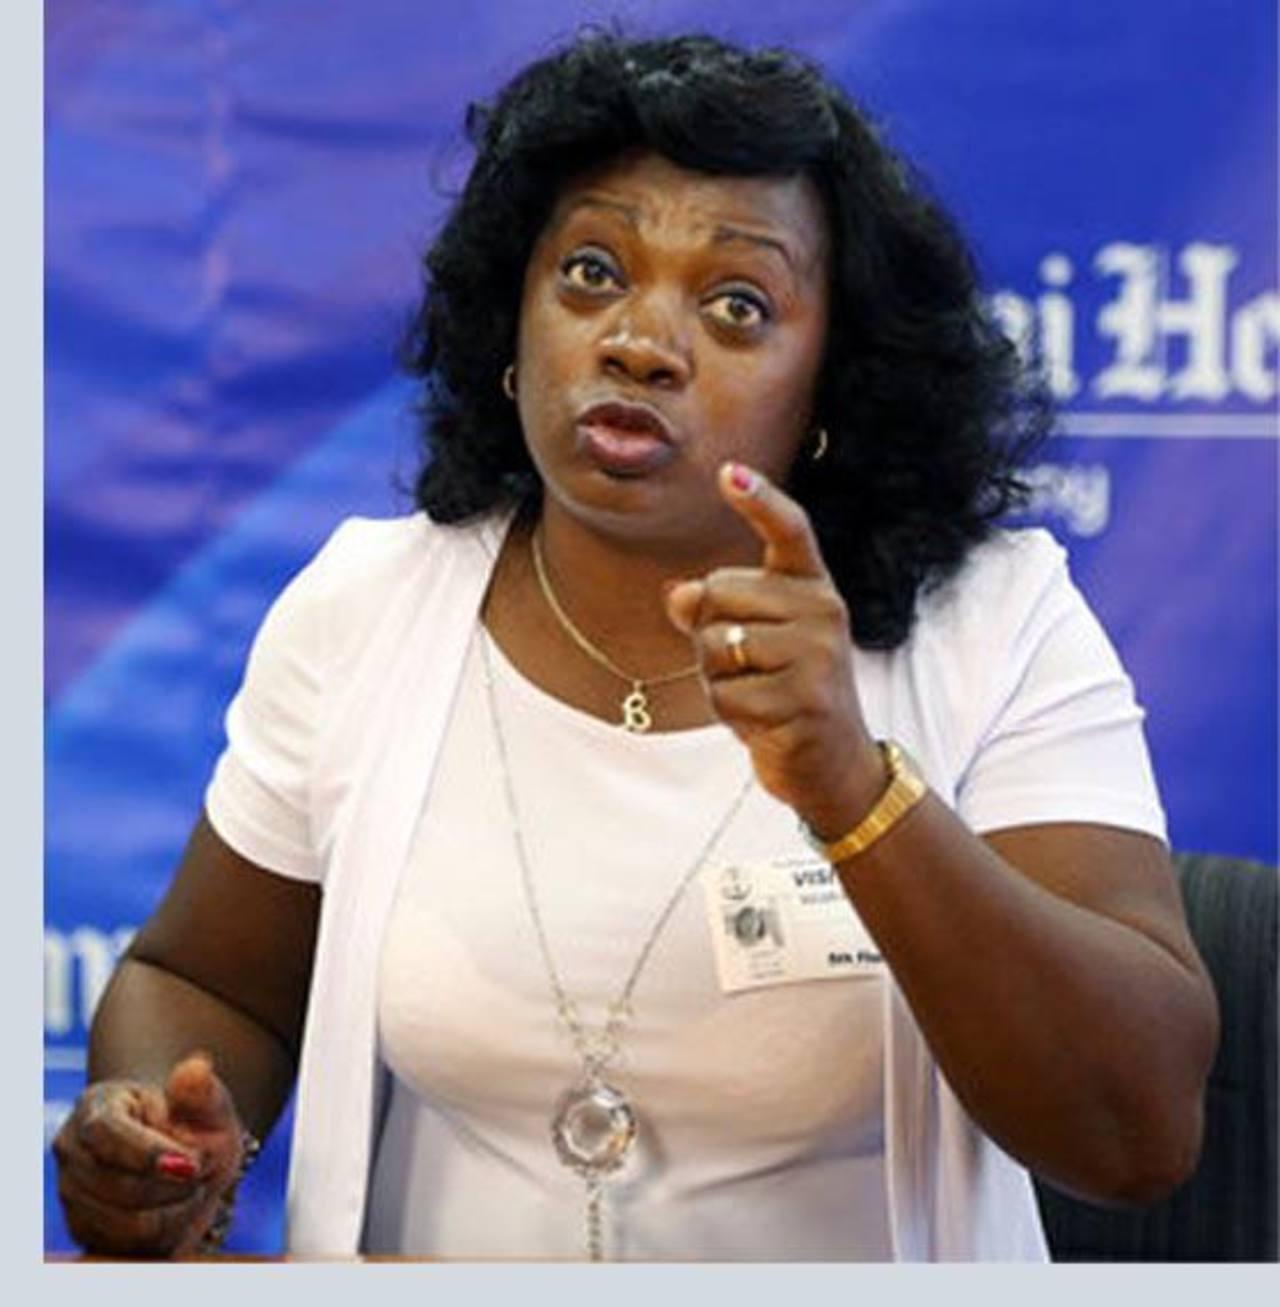 La líder de las Damas de Blanco, Berta Soler, pide conocer la lista de quiénes serán liberados. foto edh / internet